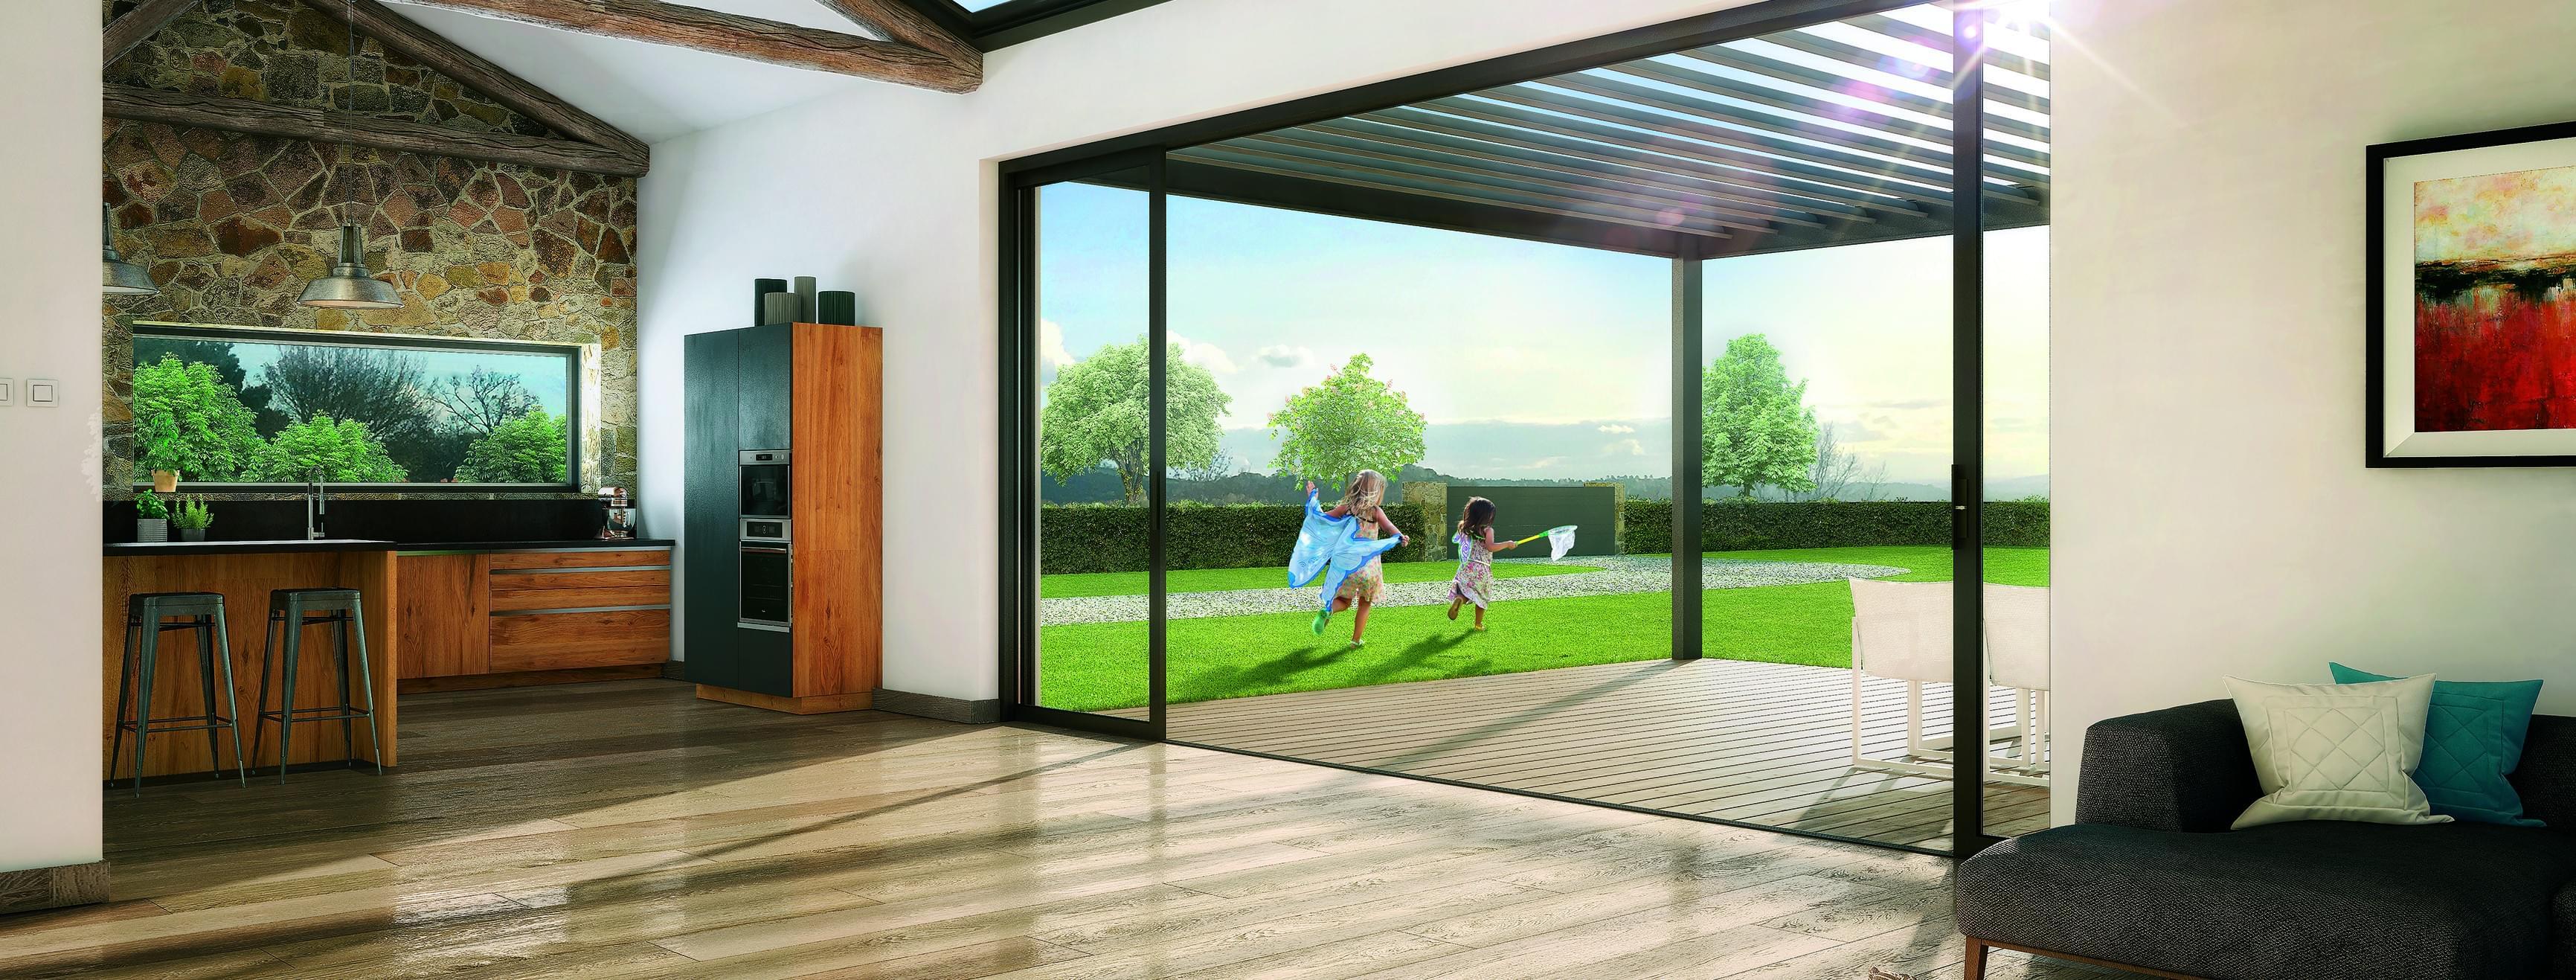 l 39 expert en batiment fen tre aluminium tremblay en france. Black Bedroom Furniture Sets. Home Design Ideas